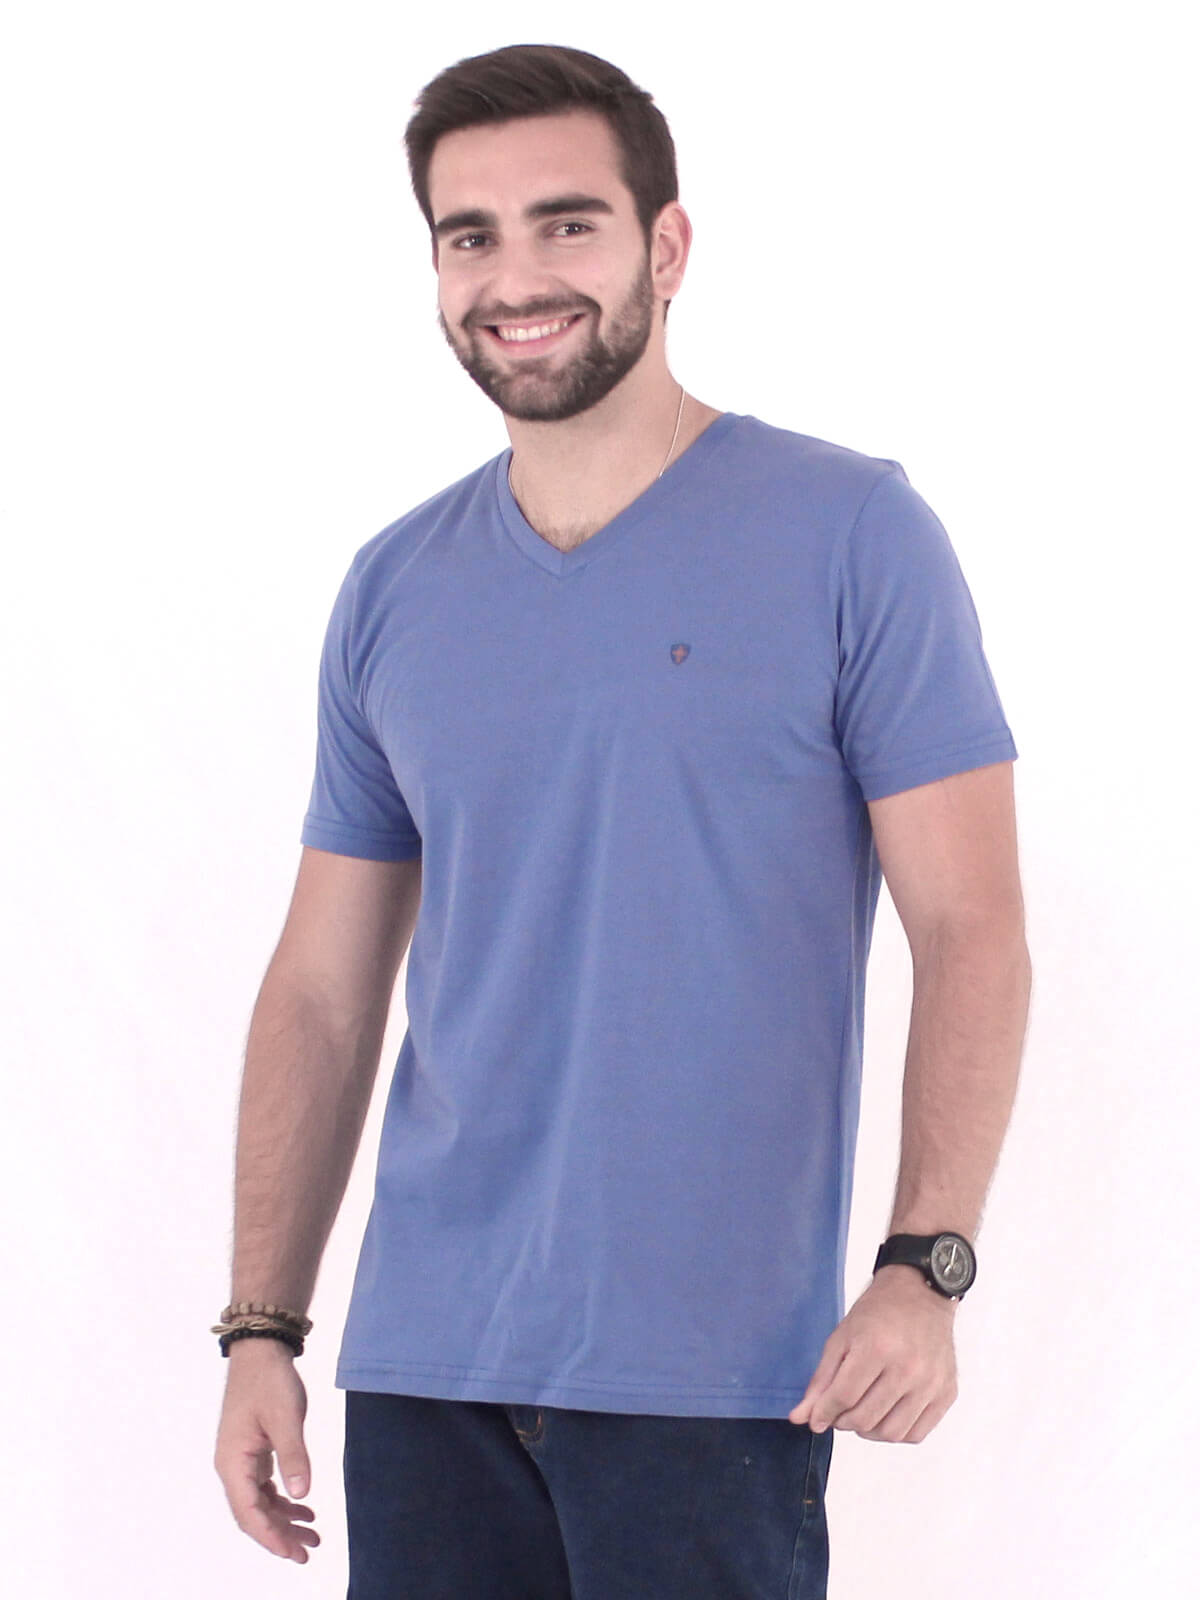 Camiseta Masculina Básica Decote V. Estampada Kingdom Indigo